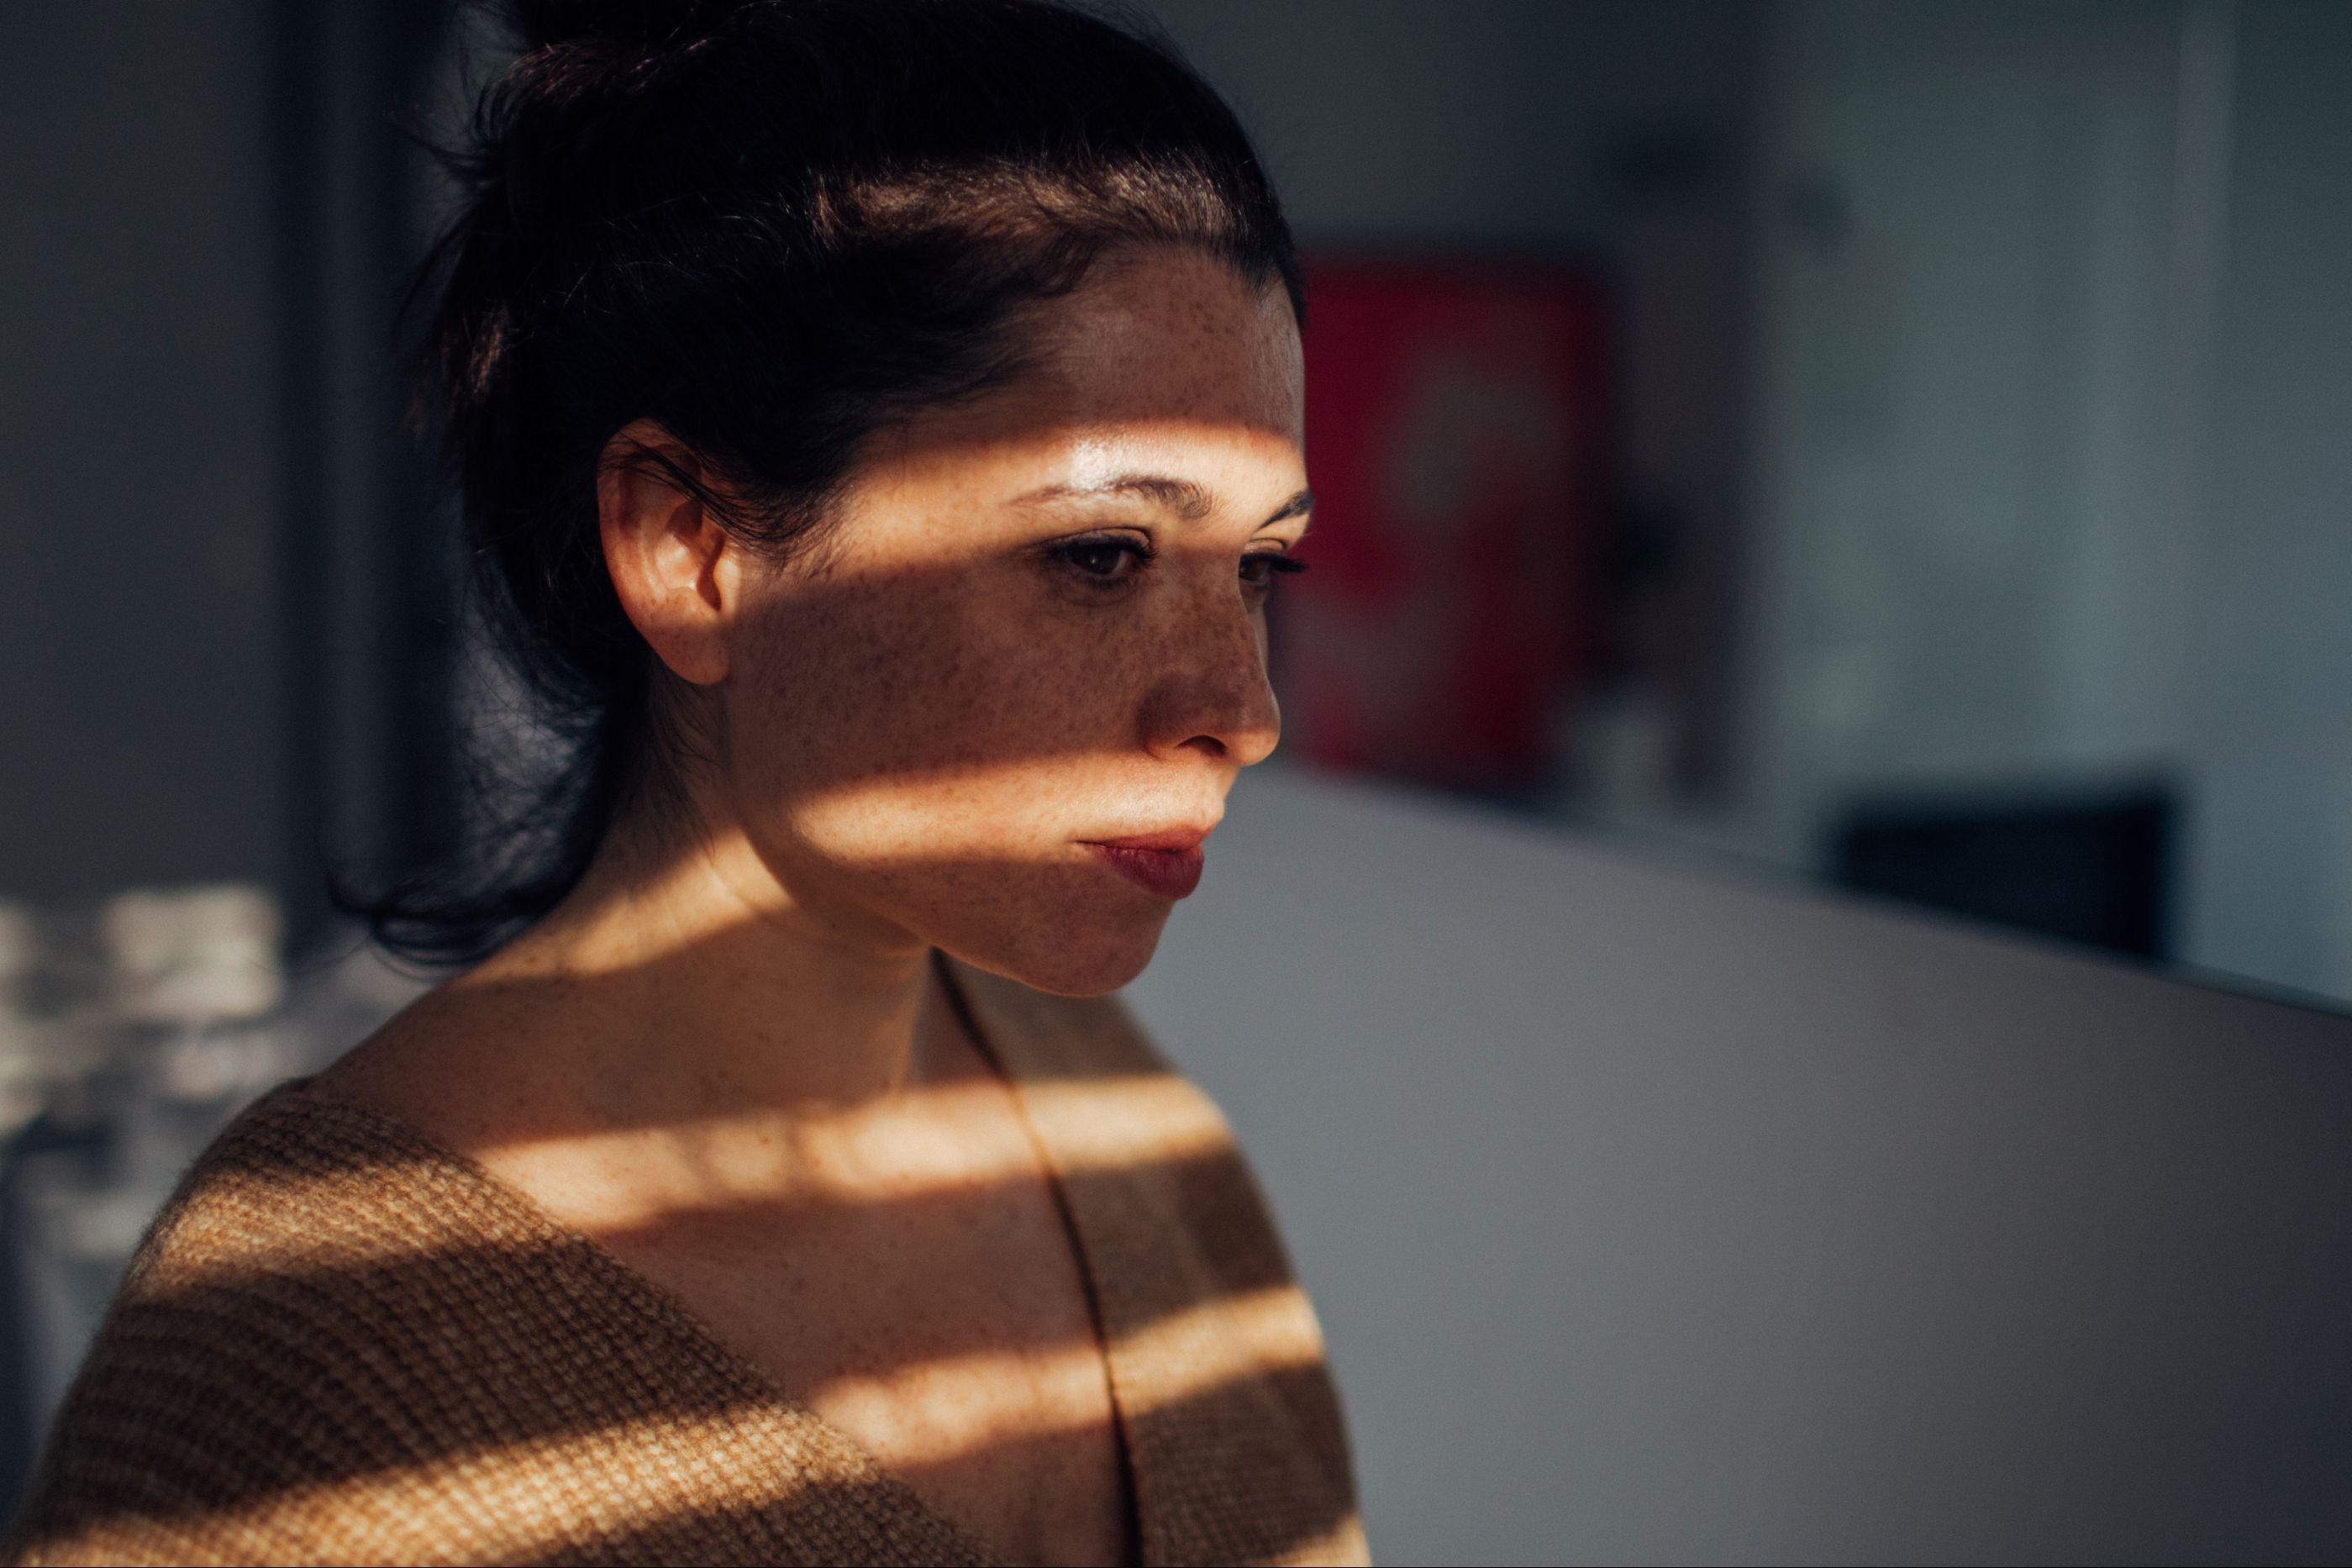 Seis sinais de que poderá estar a sofrer de depressão. Cuide-se